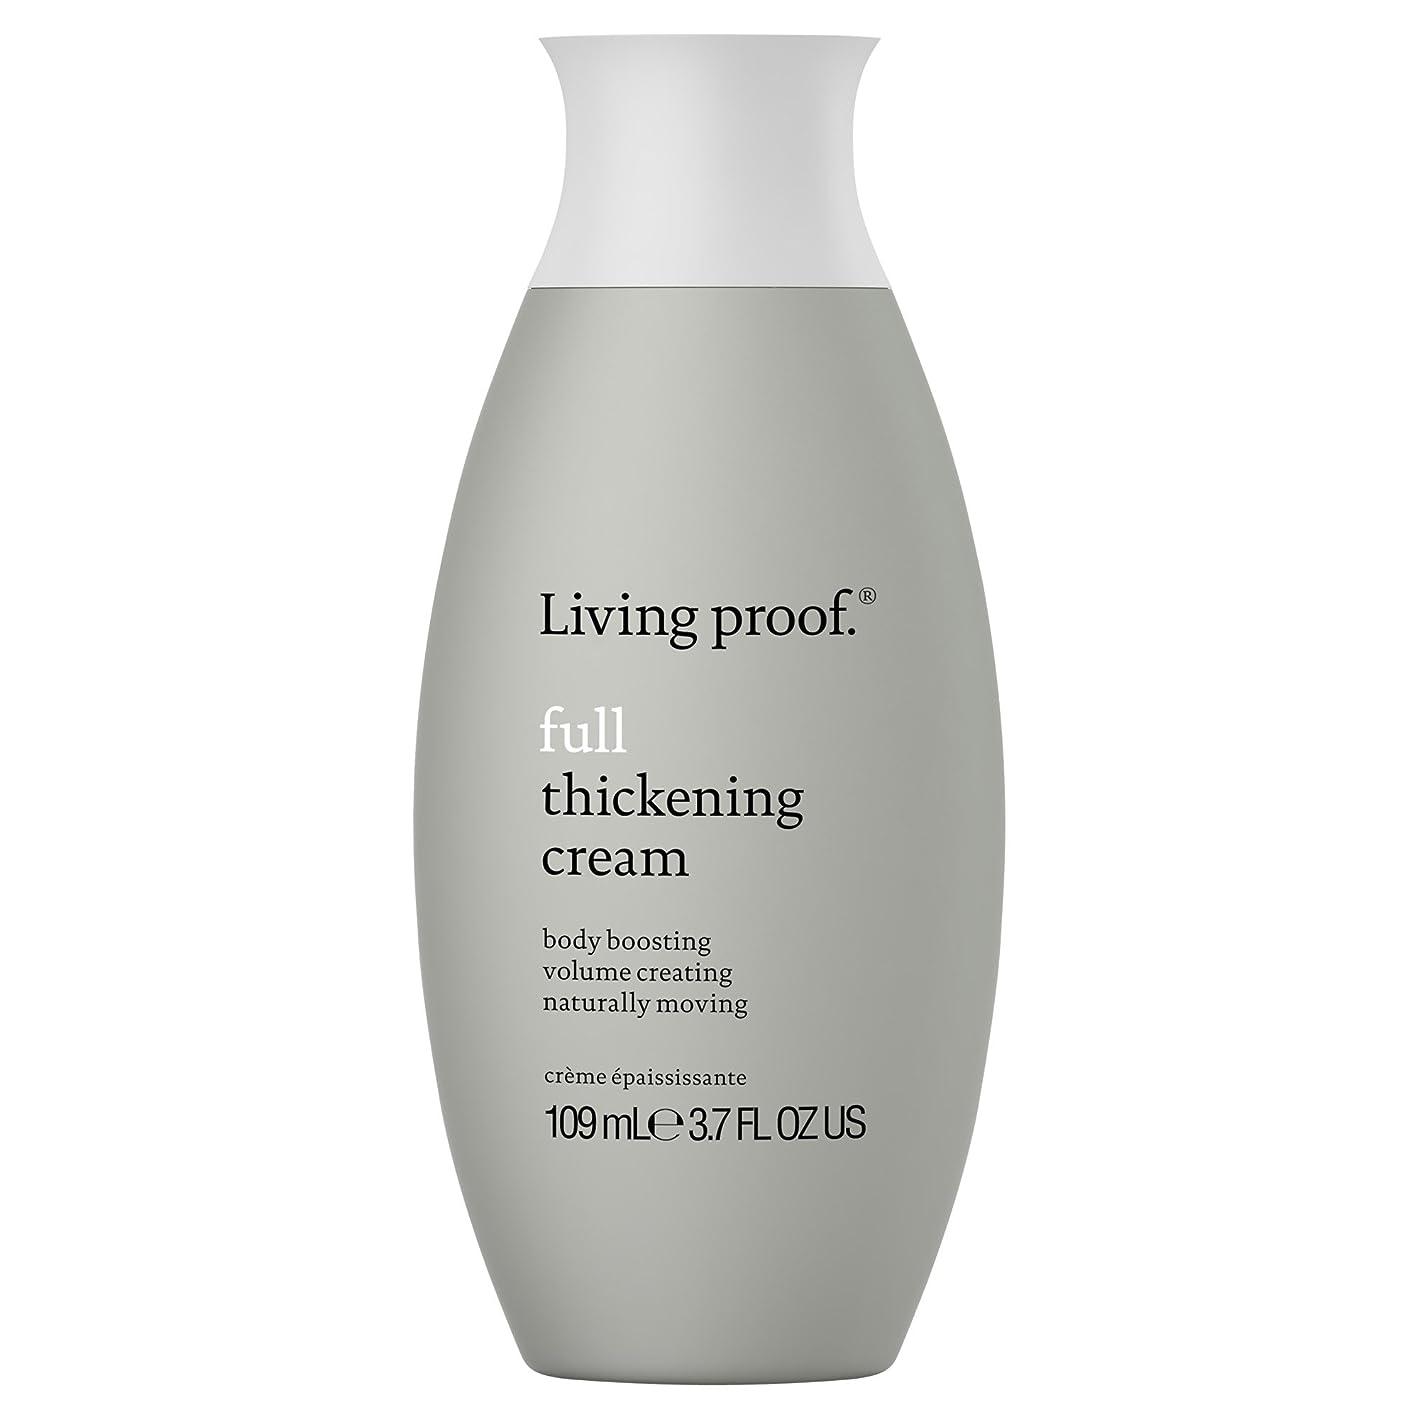 司令官衝突コース批評生きている証拠フル肥厚クリーム109ミリリットル (Living Proof) (x6) - Living Proof Full Thickening Cream 109ml (Pack of 6) [並行輸入品]